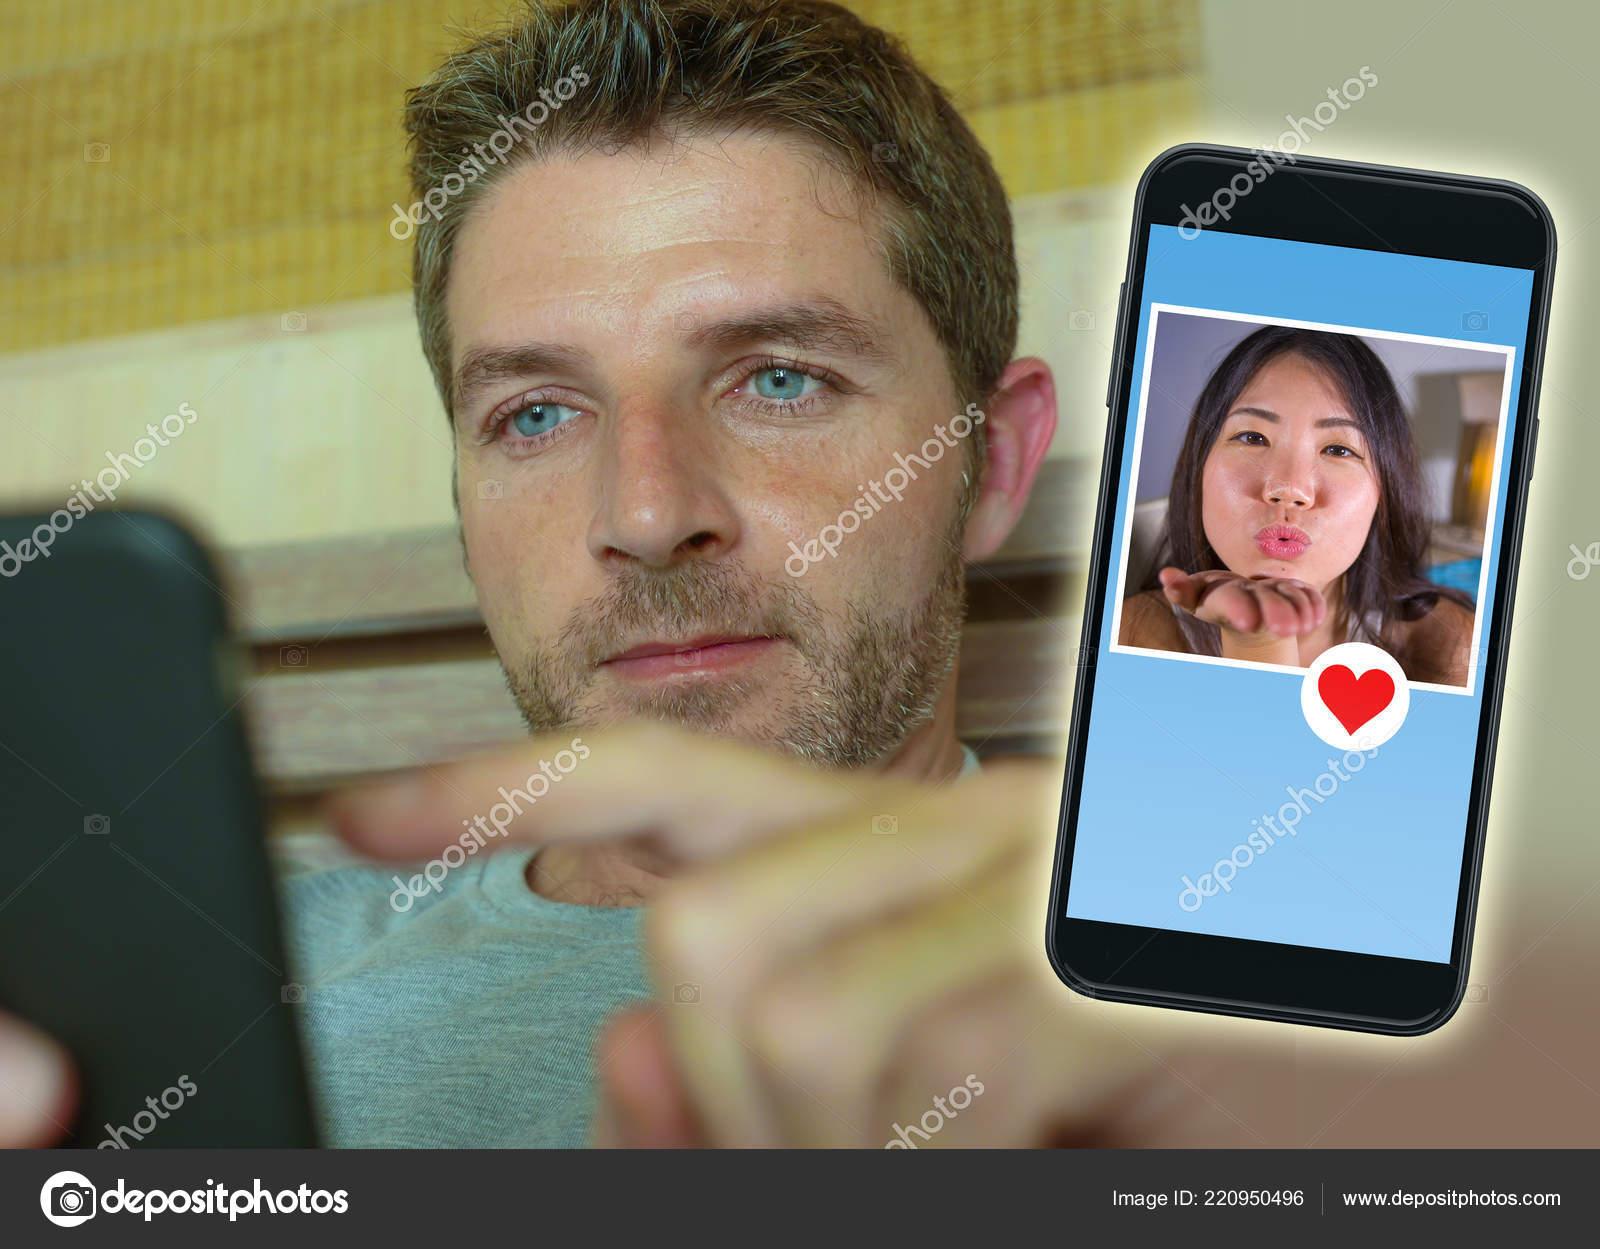 Sito di incontri asiatici online gratuito